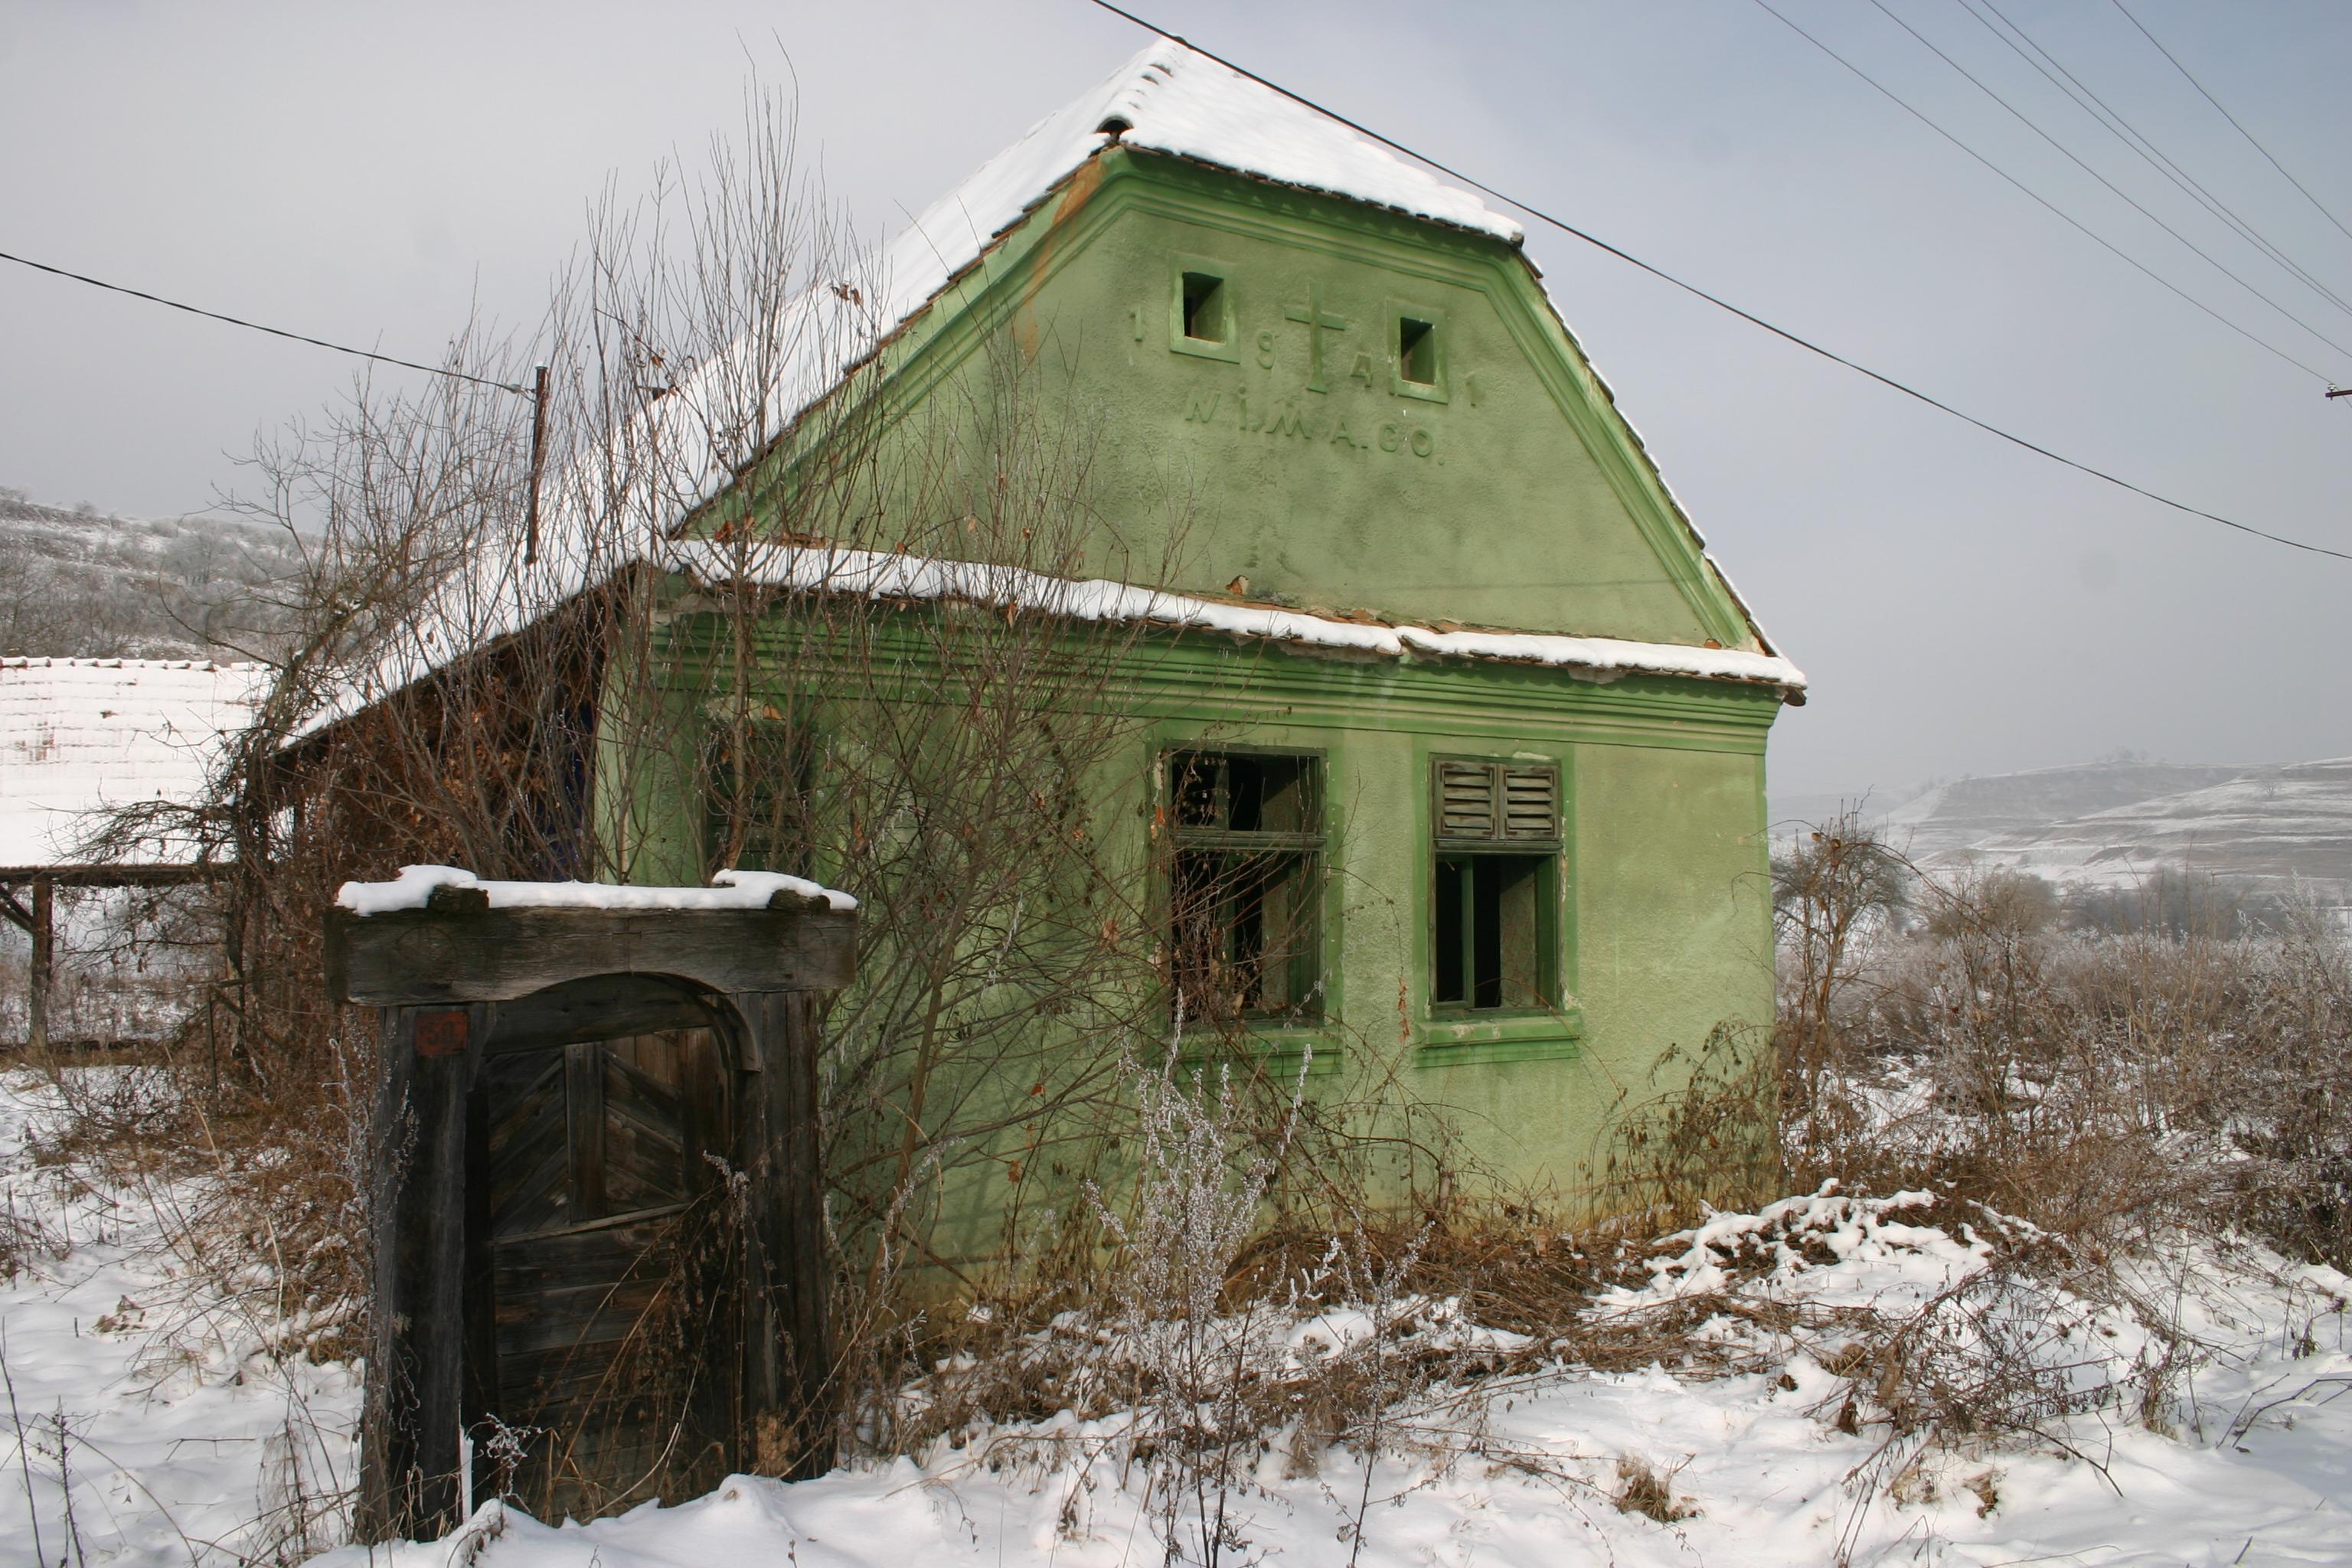 Datei:Verlassenes Haus.jpg – Wikipedia